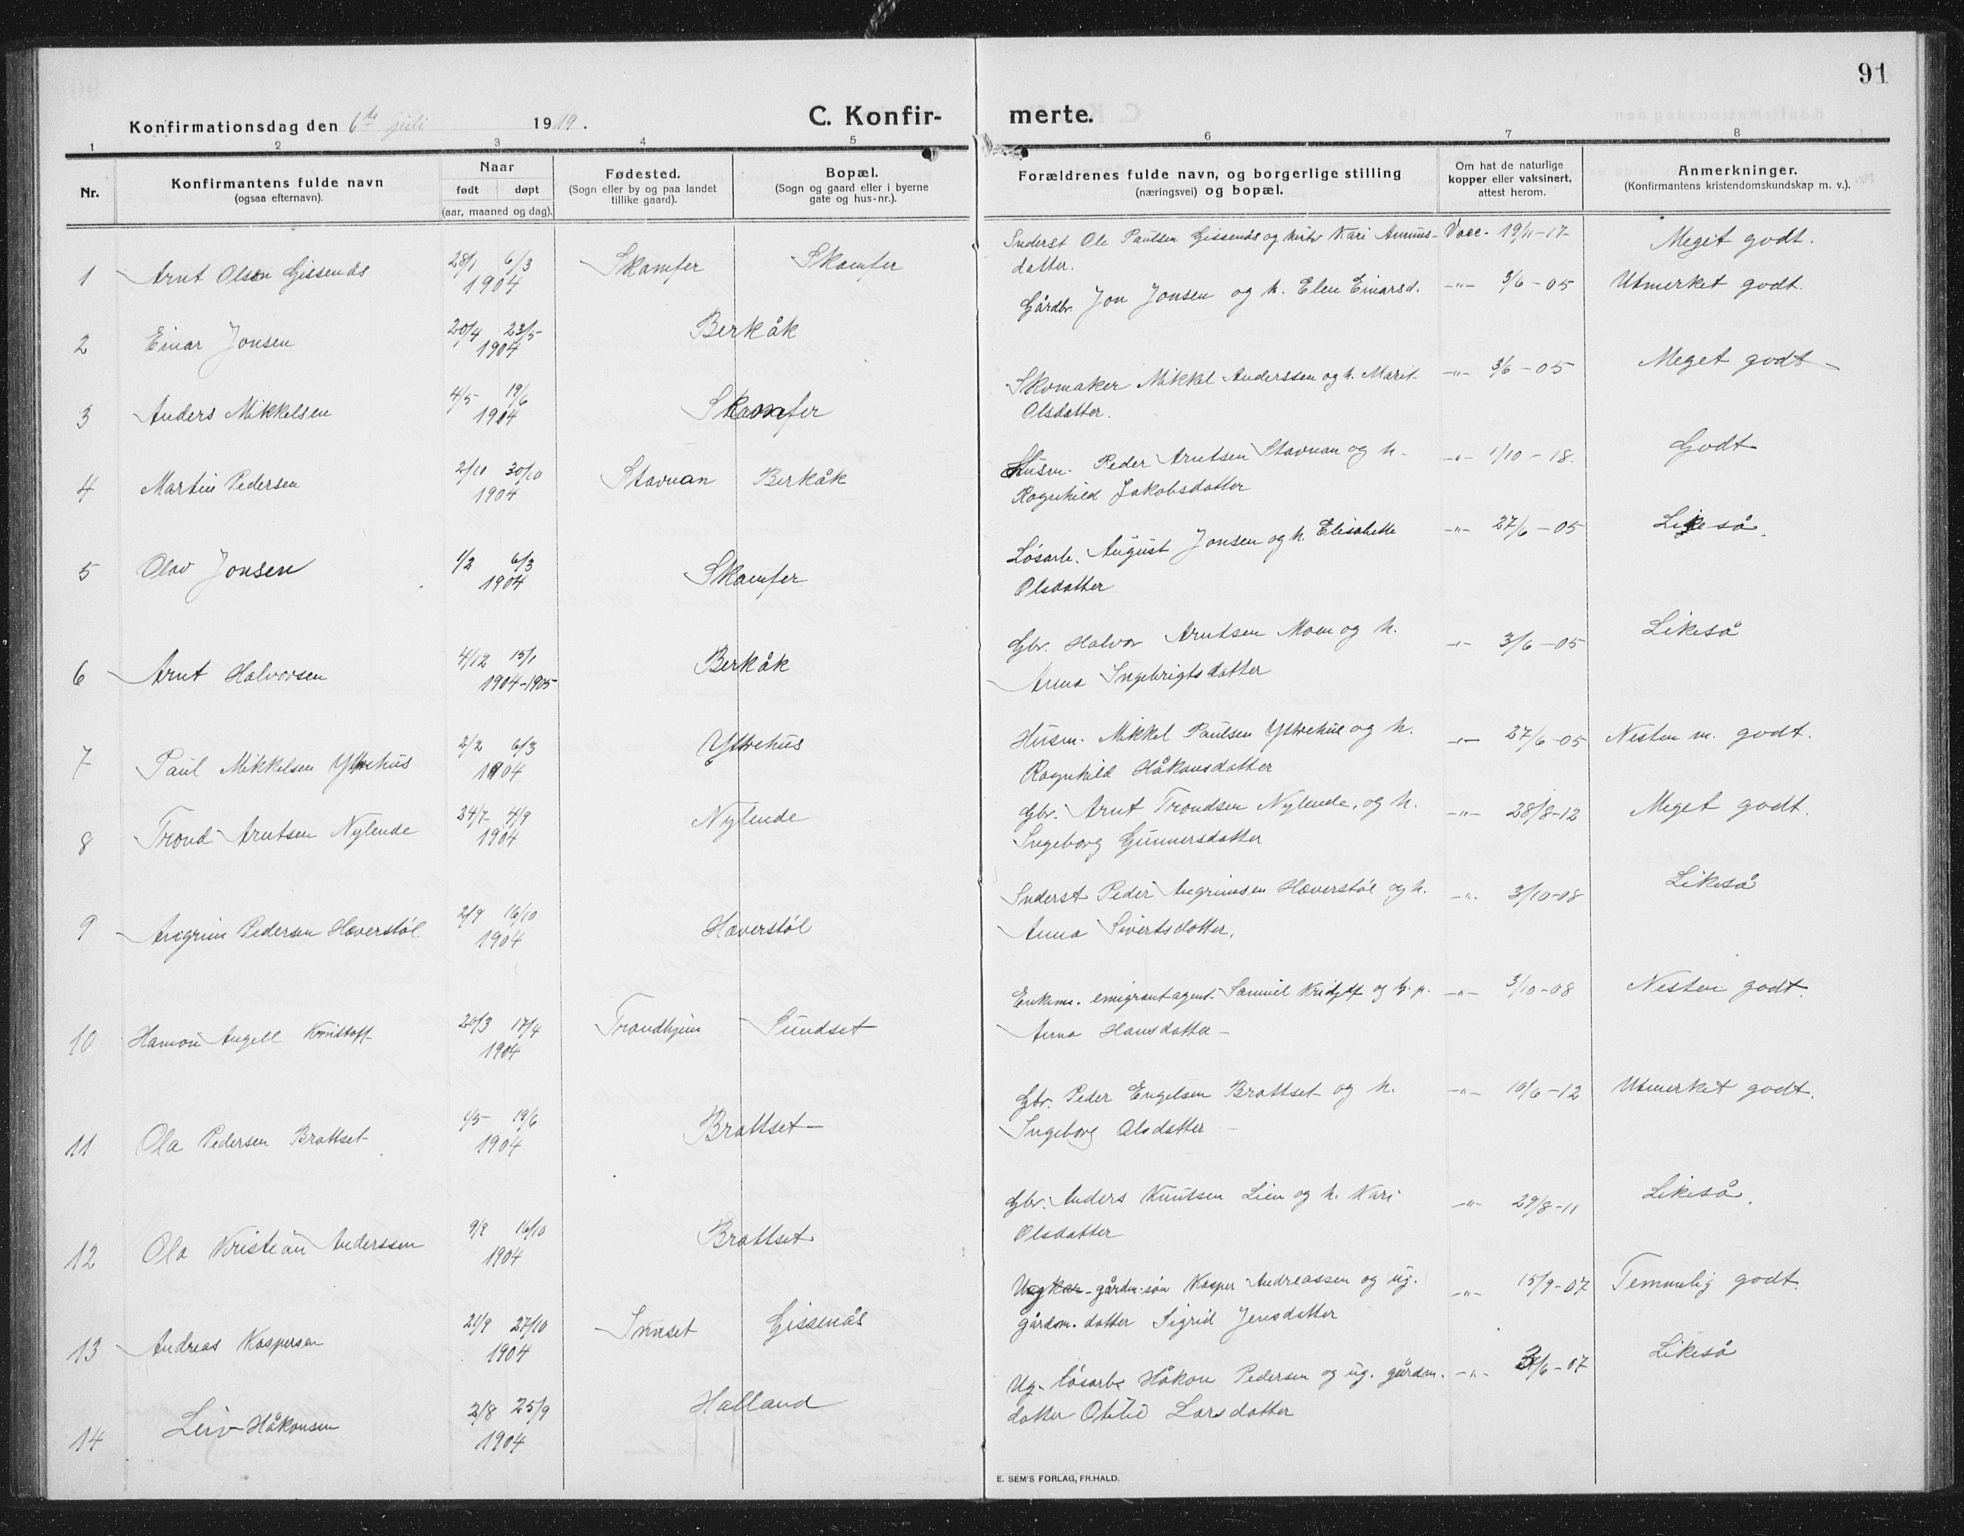 SAT, Ministerialprotokoller, klokkerbøker og fødselsregistre - Sør-Trøndelag, 675/L0888: Klokkerbok nr. 675C01, 1913-1935, s. 91